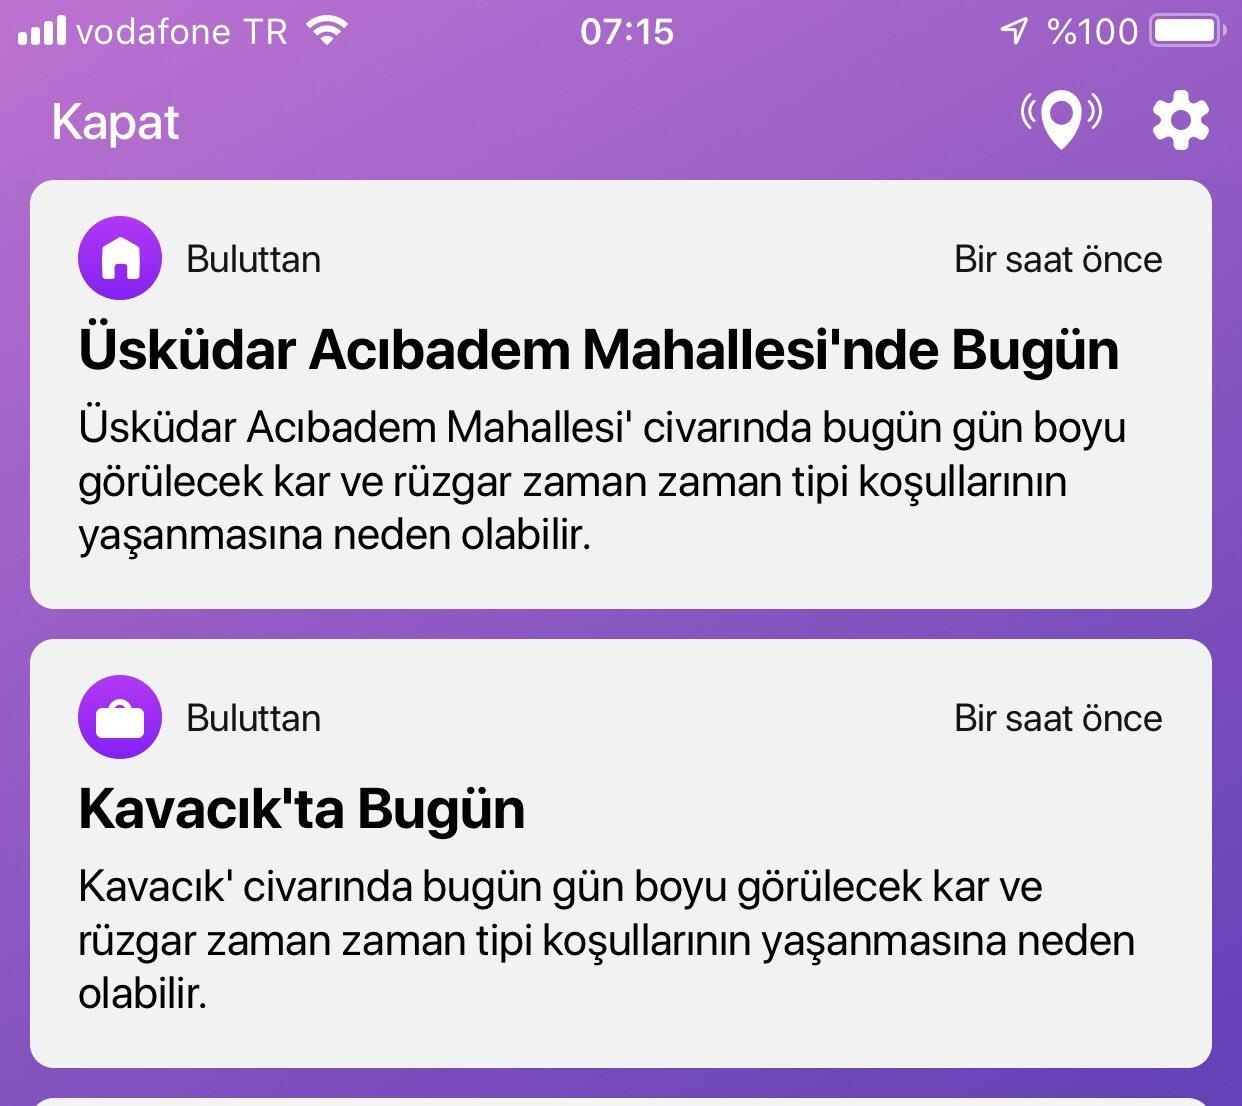 Buluttan Bildiriyor uygulamasından gelen İstanbul için hava durumu bildirimi bu şekildeydi. Şartlar Home Office için uygundu.